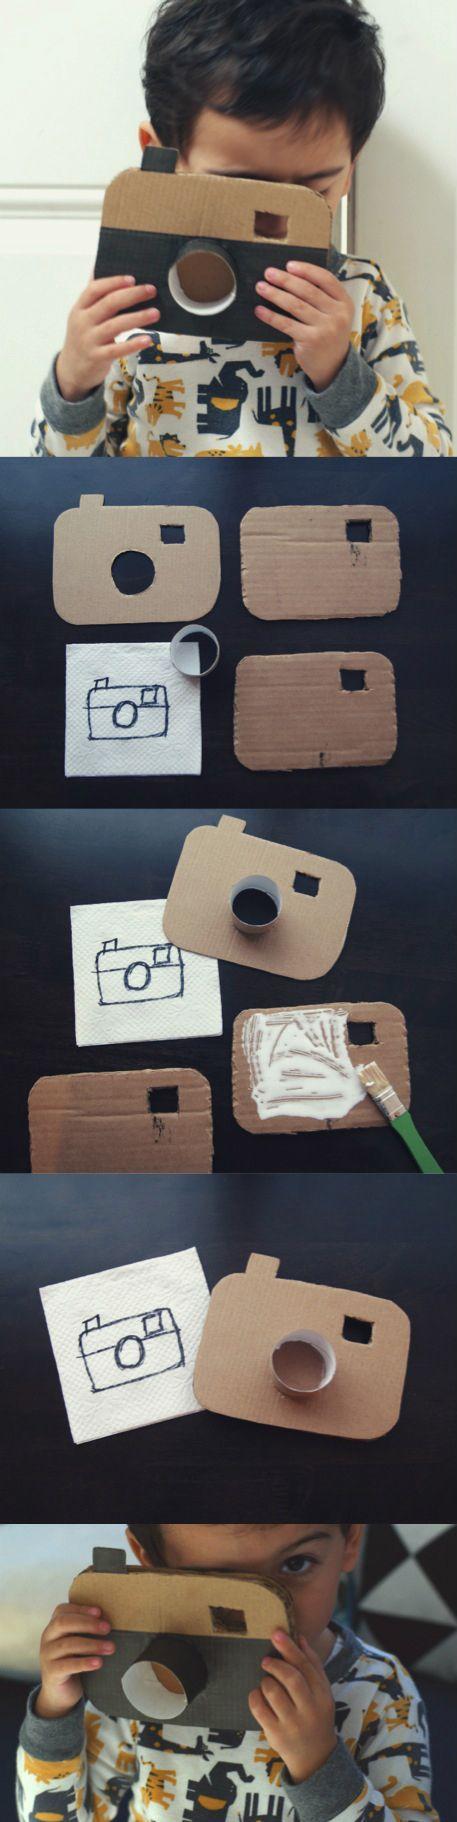 Kamera einfach aus Karton basteln